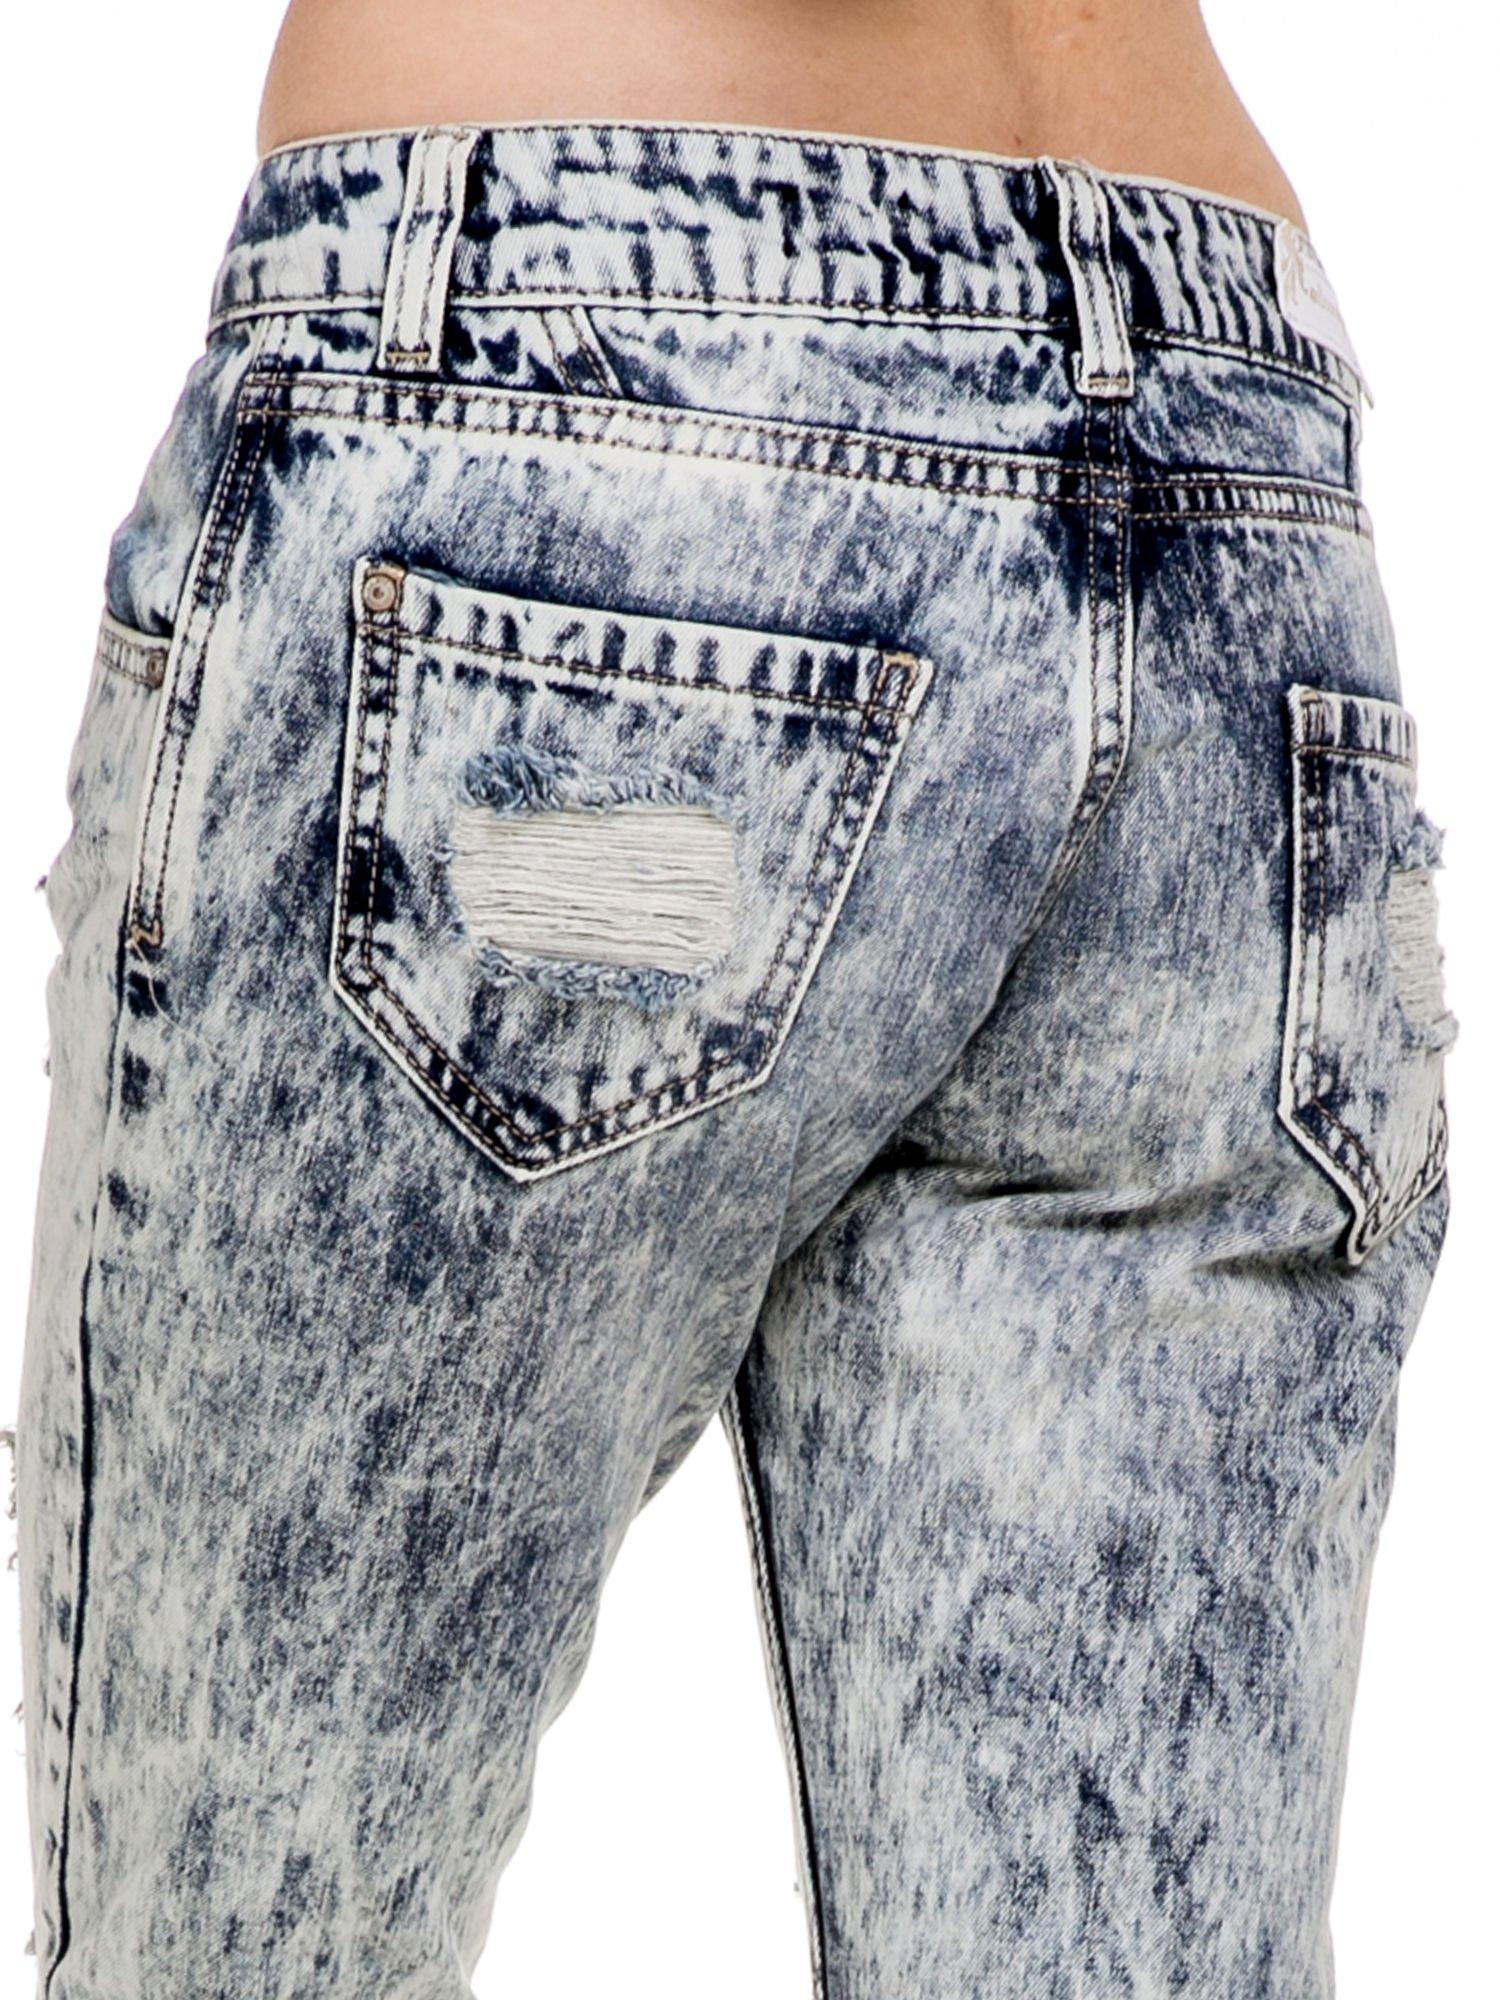 Niebieskie rozjaśniane spodnie jeansowe z przetarciami                                  zdj.                                  4